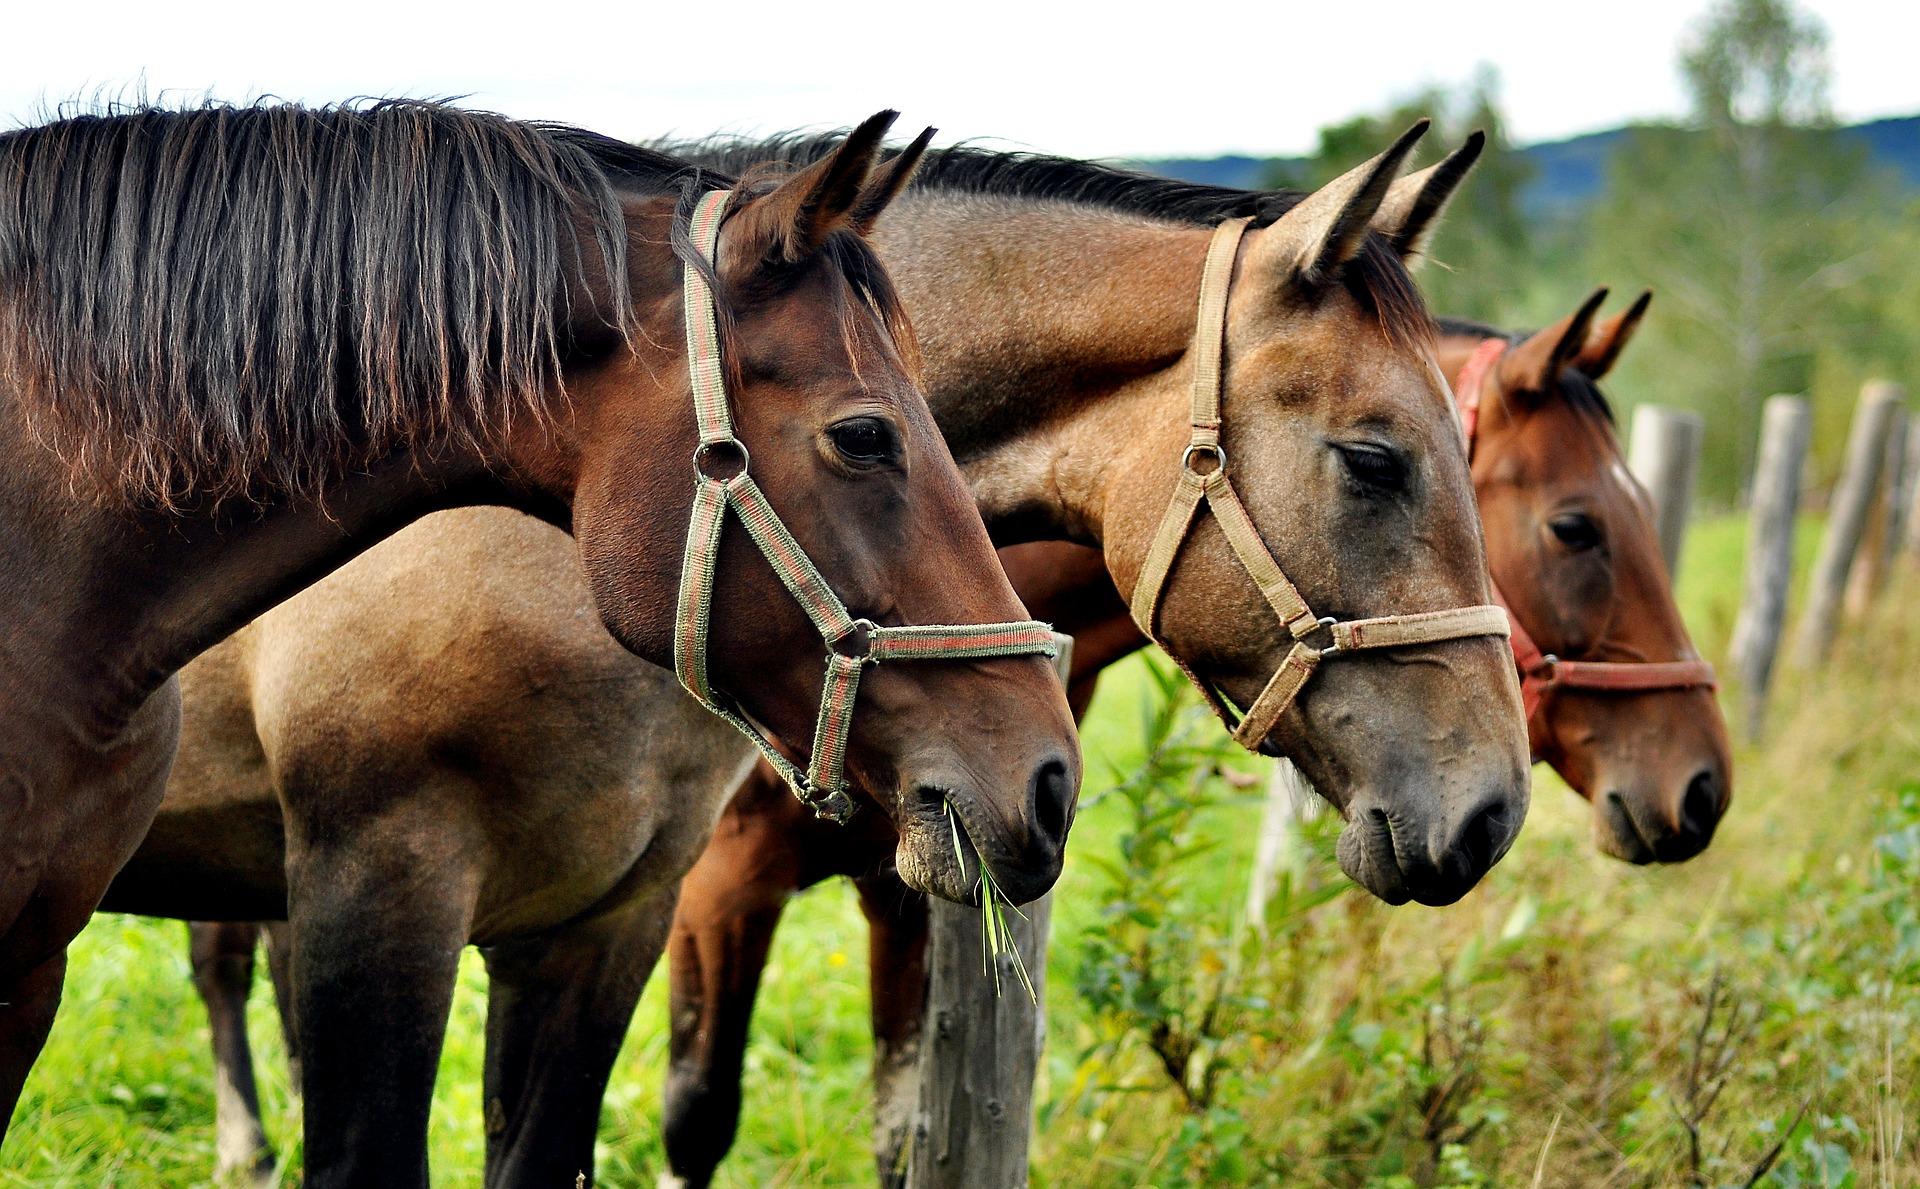 pferdemist entsorgung